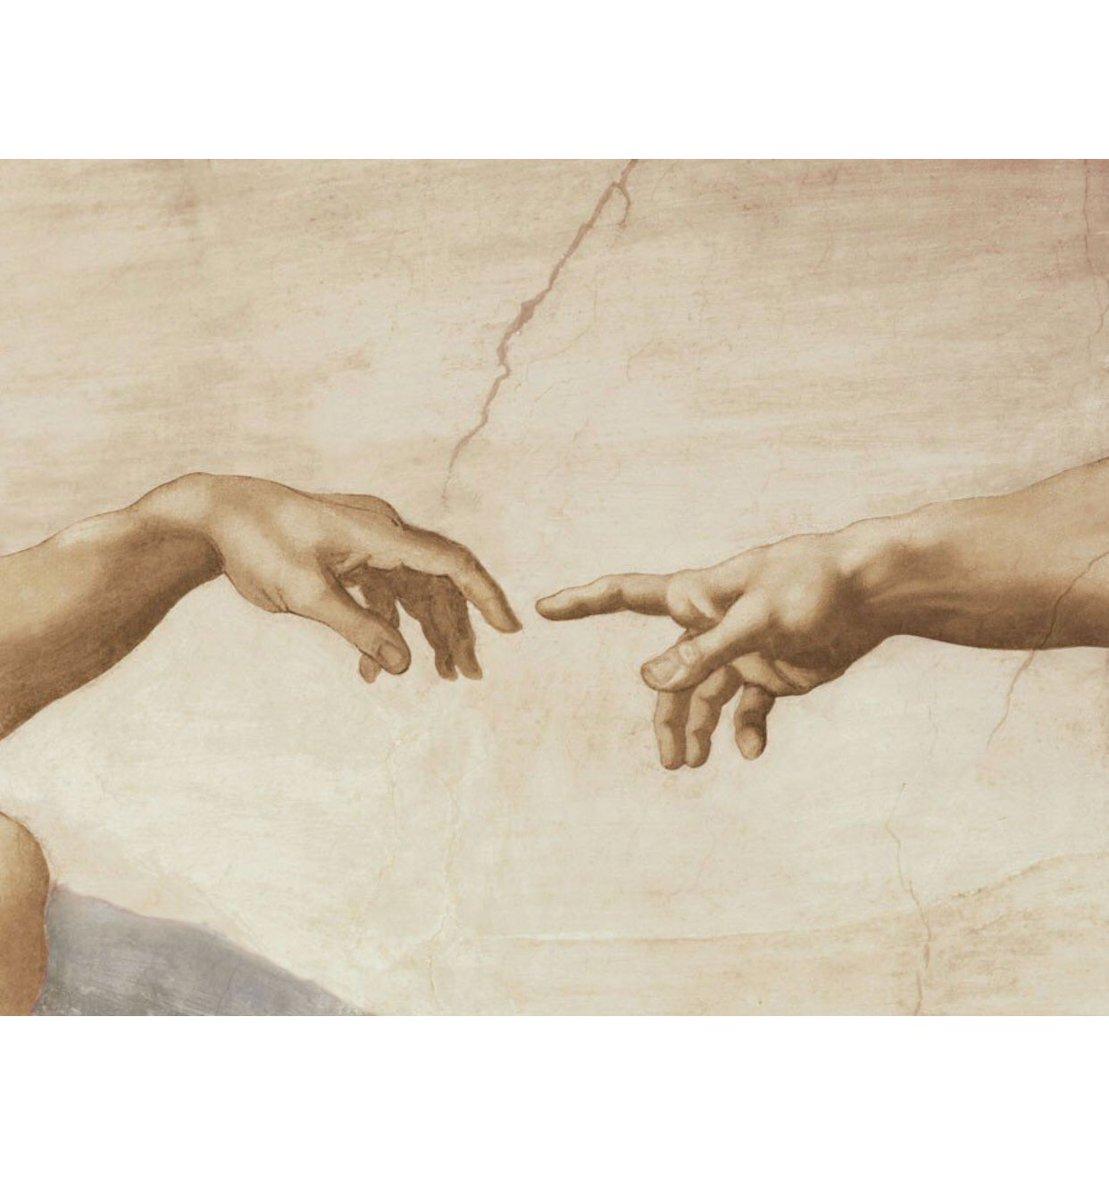 руки тянутся друг к другу картинки без фона каждой хозяйки, конечно